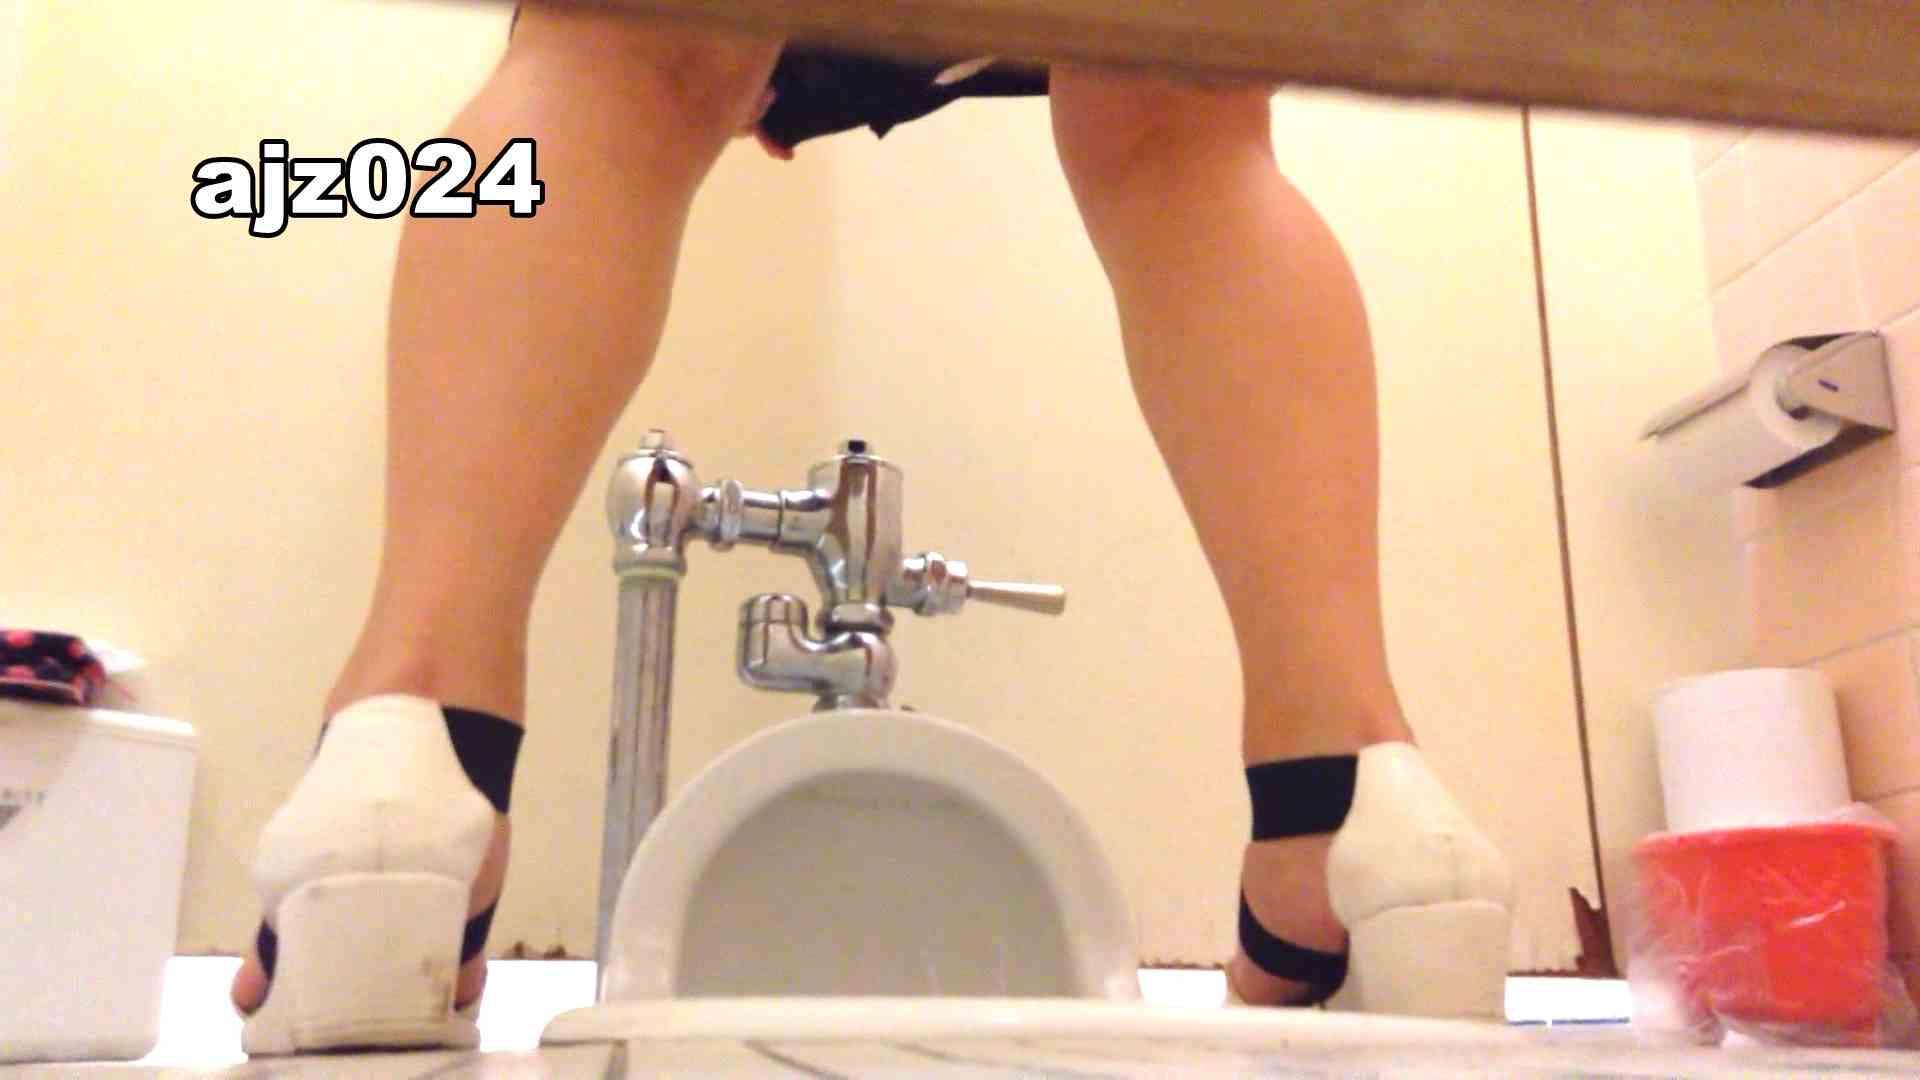 某有名大学女性洗面所 vol.24 潜入突撃 | 和式トイレ  73pic 1